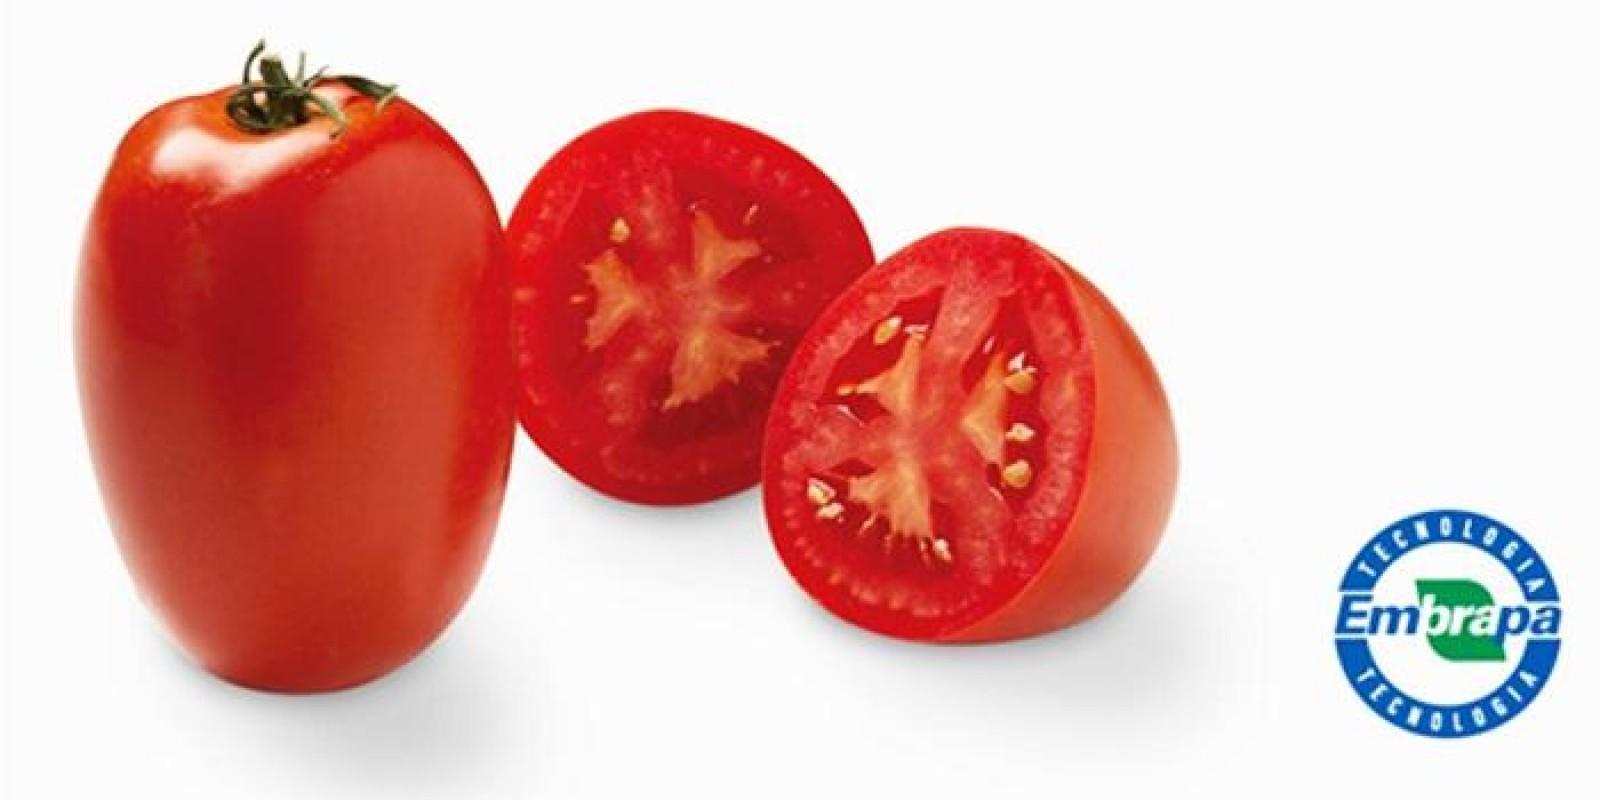 Hortitec 2017: tomates enriquecidos com licopeno são destaques da Embrapa